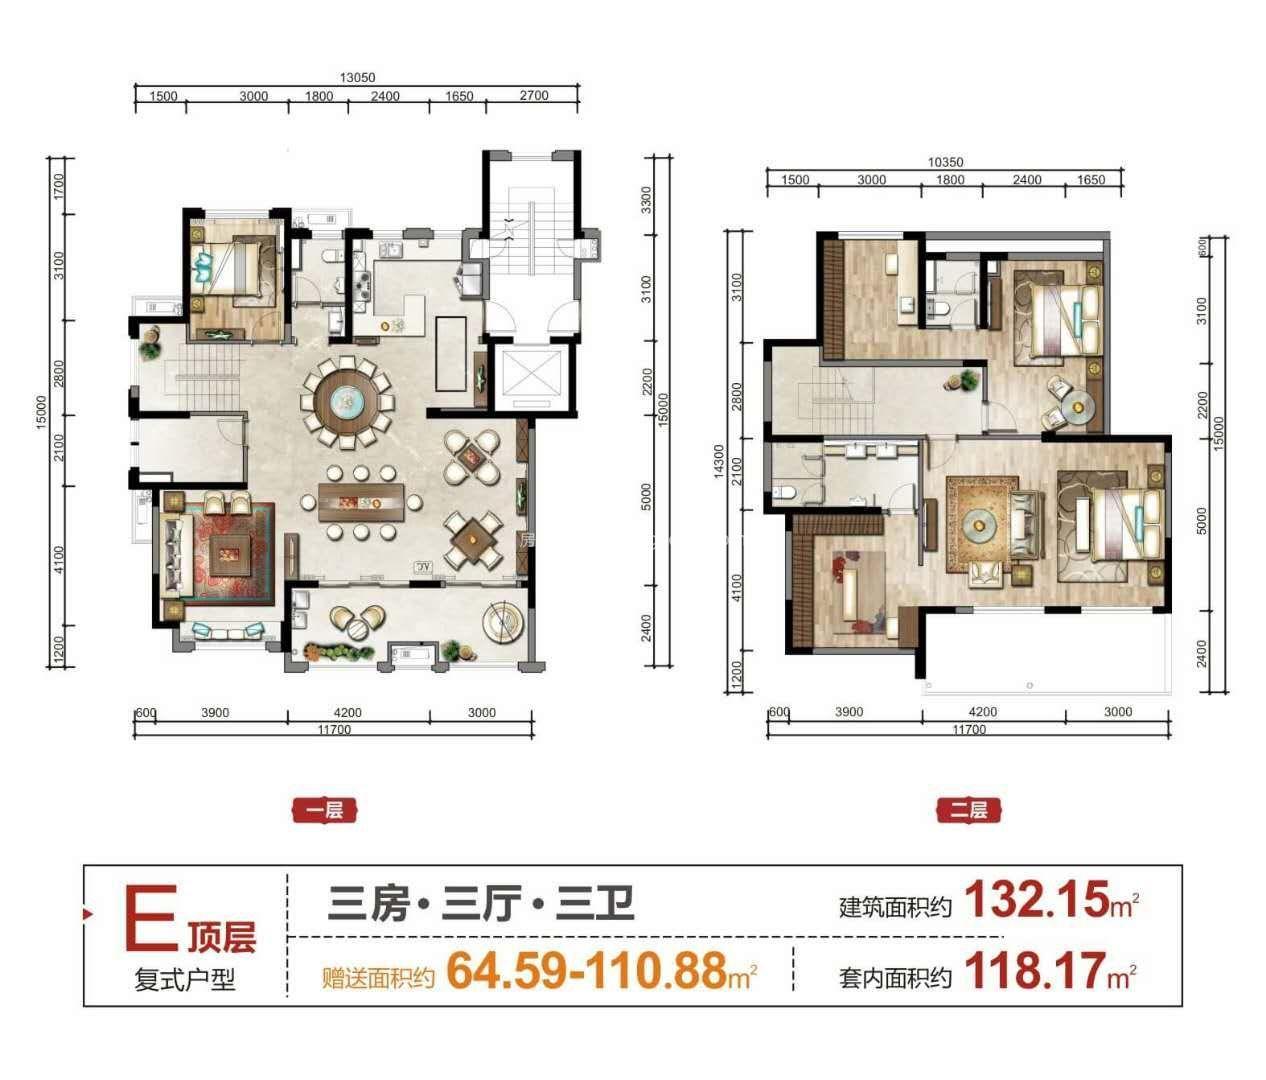 E顶层复式户型 3室3厅3卫1厨 建面132.15㎡